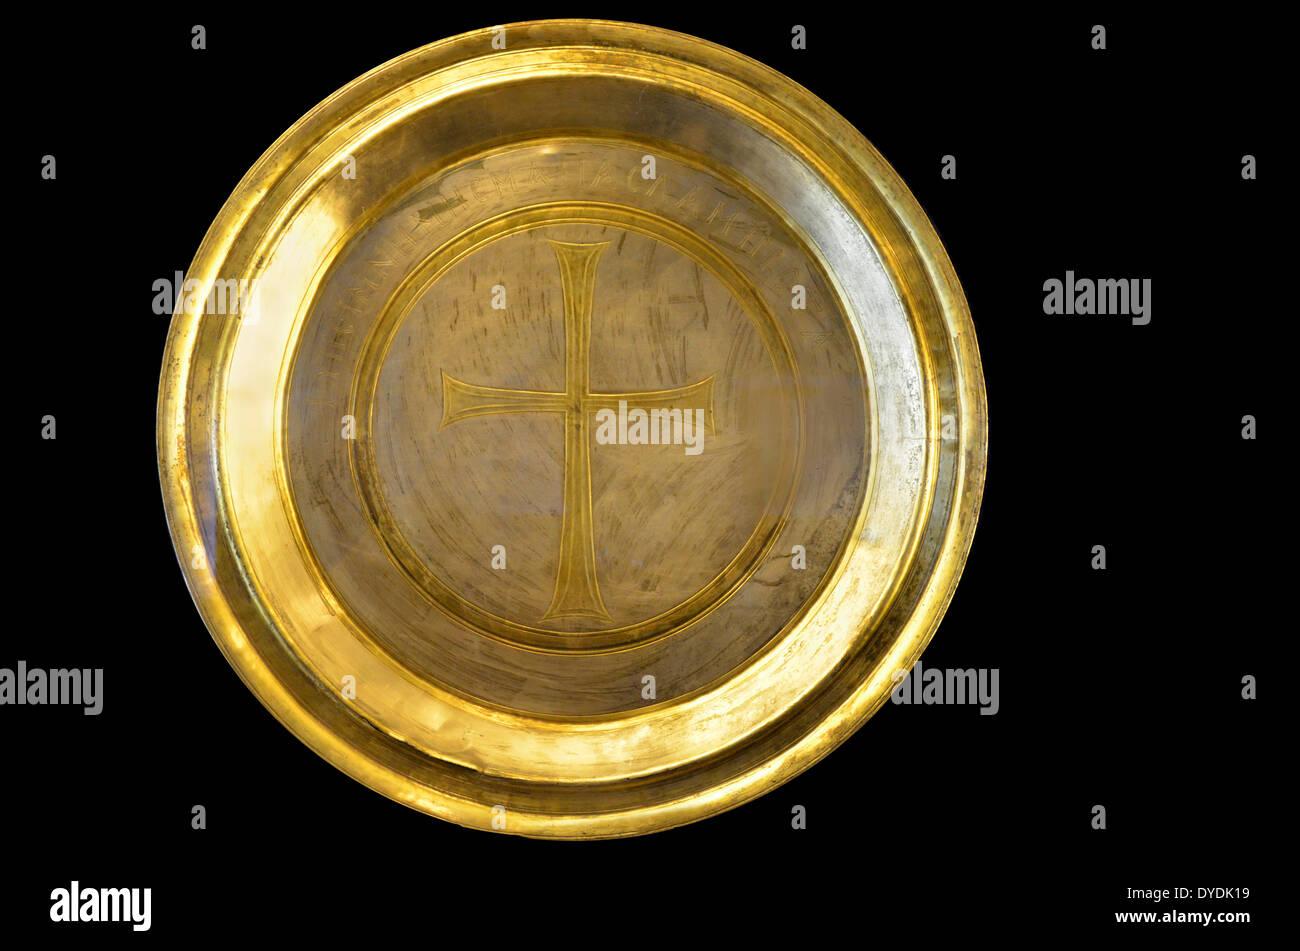 Schatz Reichtum Geld reichen reichen gold Griechenland Europa antiken Griechenland Vermögen Reichtum Reichtum antiken Schatz Schatz Stockbild